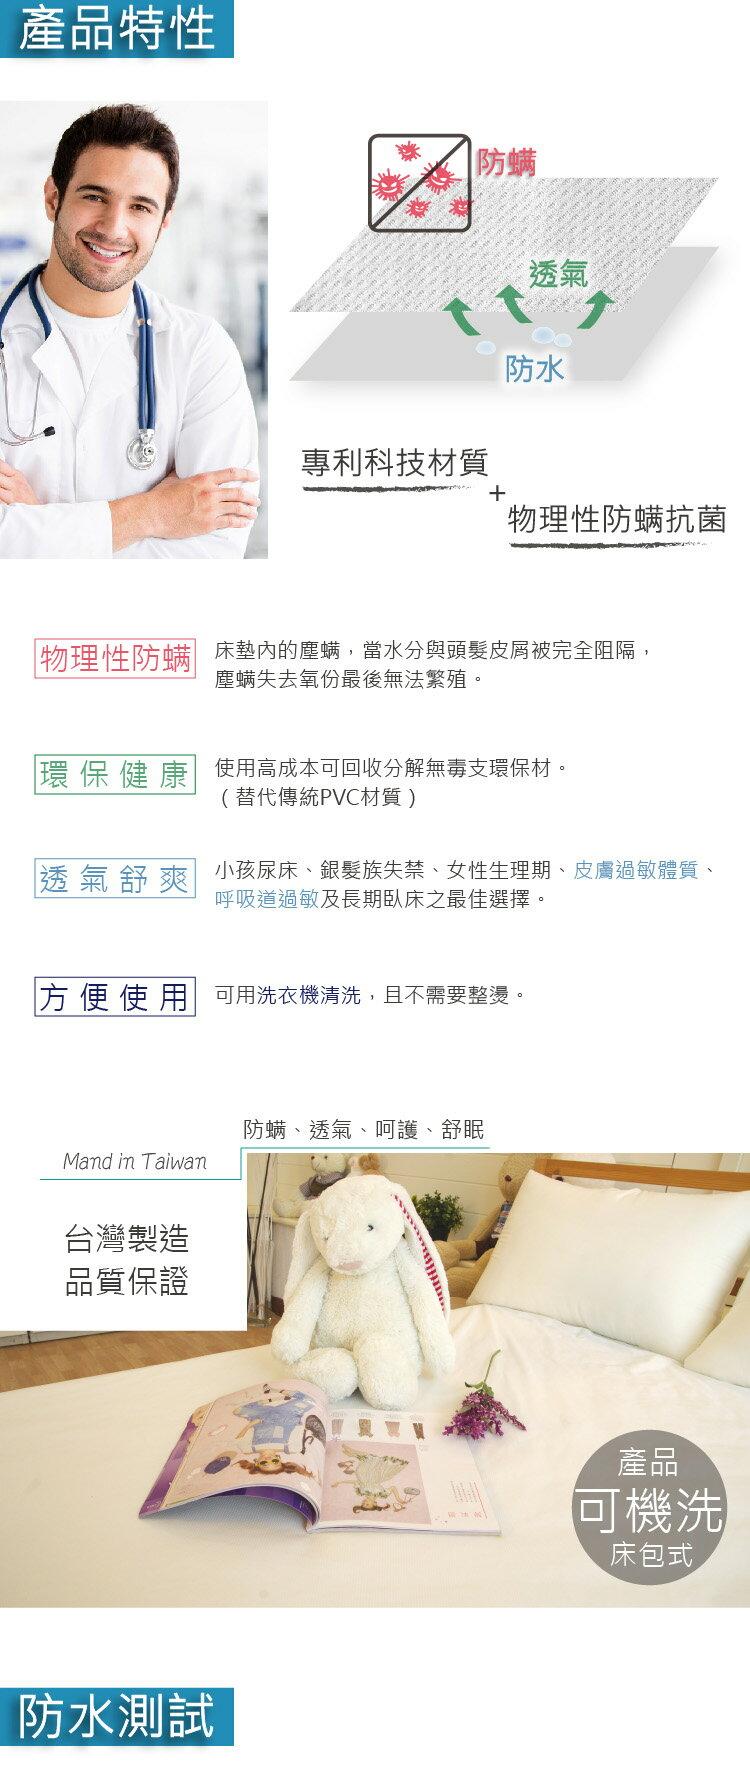 保潔墊/加大雙人「100%防水、防螨、抗菌、透氣」台灣製造 6x6.2尺床包式保潔墊 #寢國寢城 4